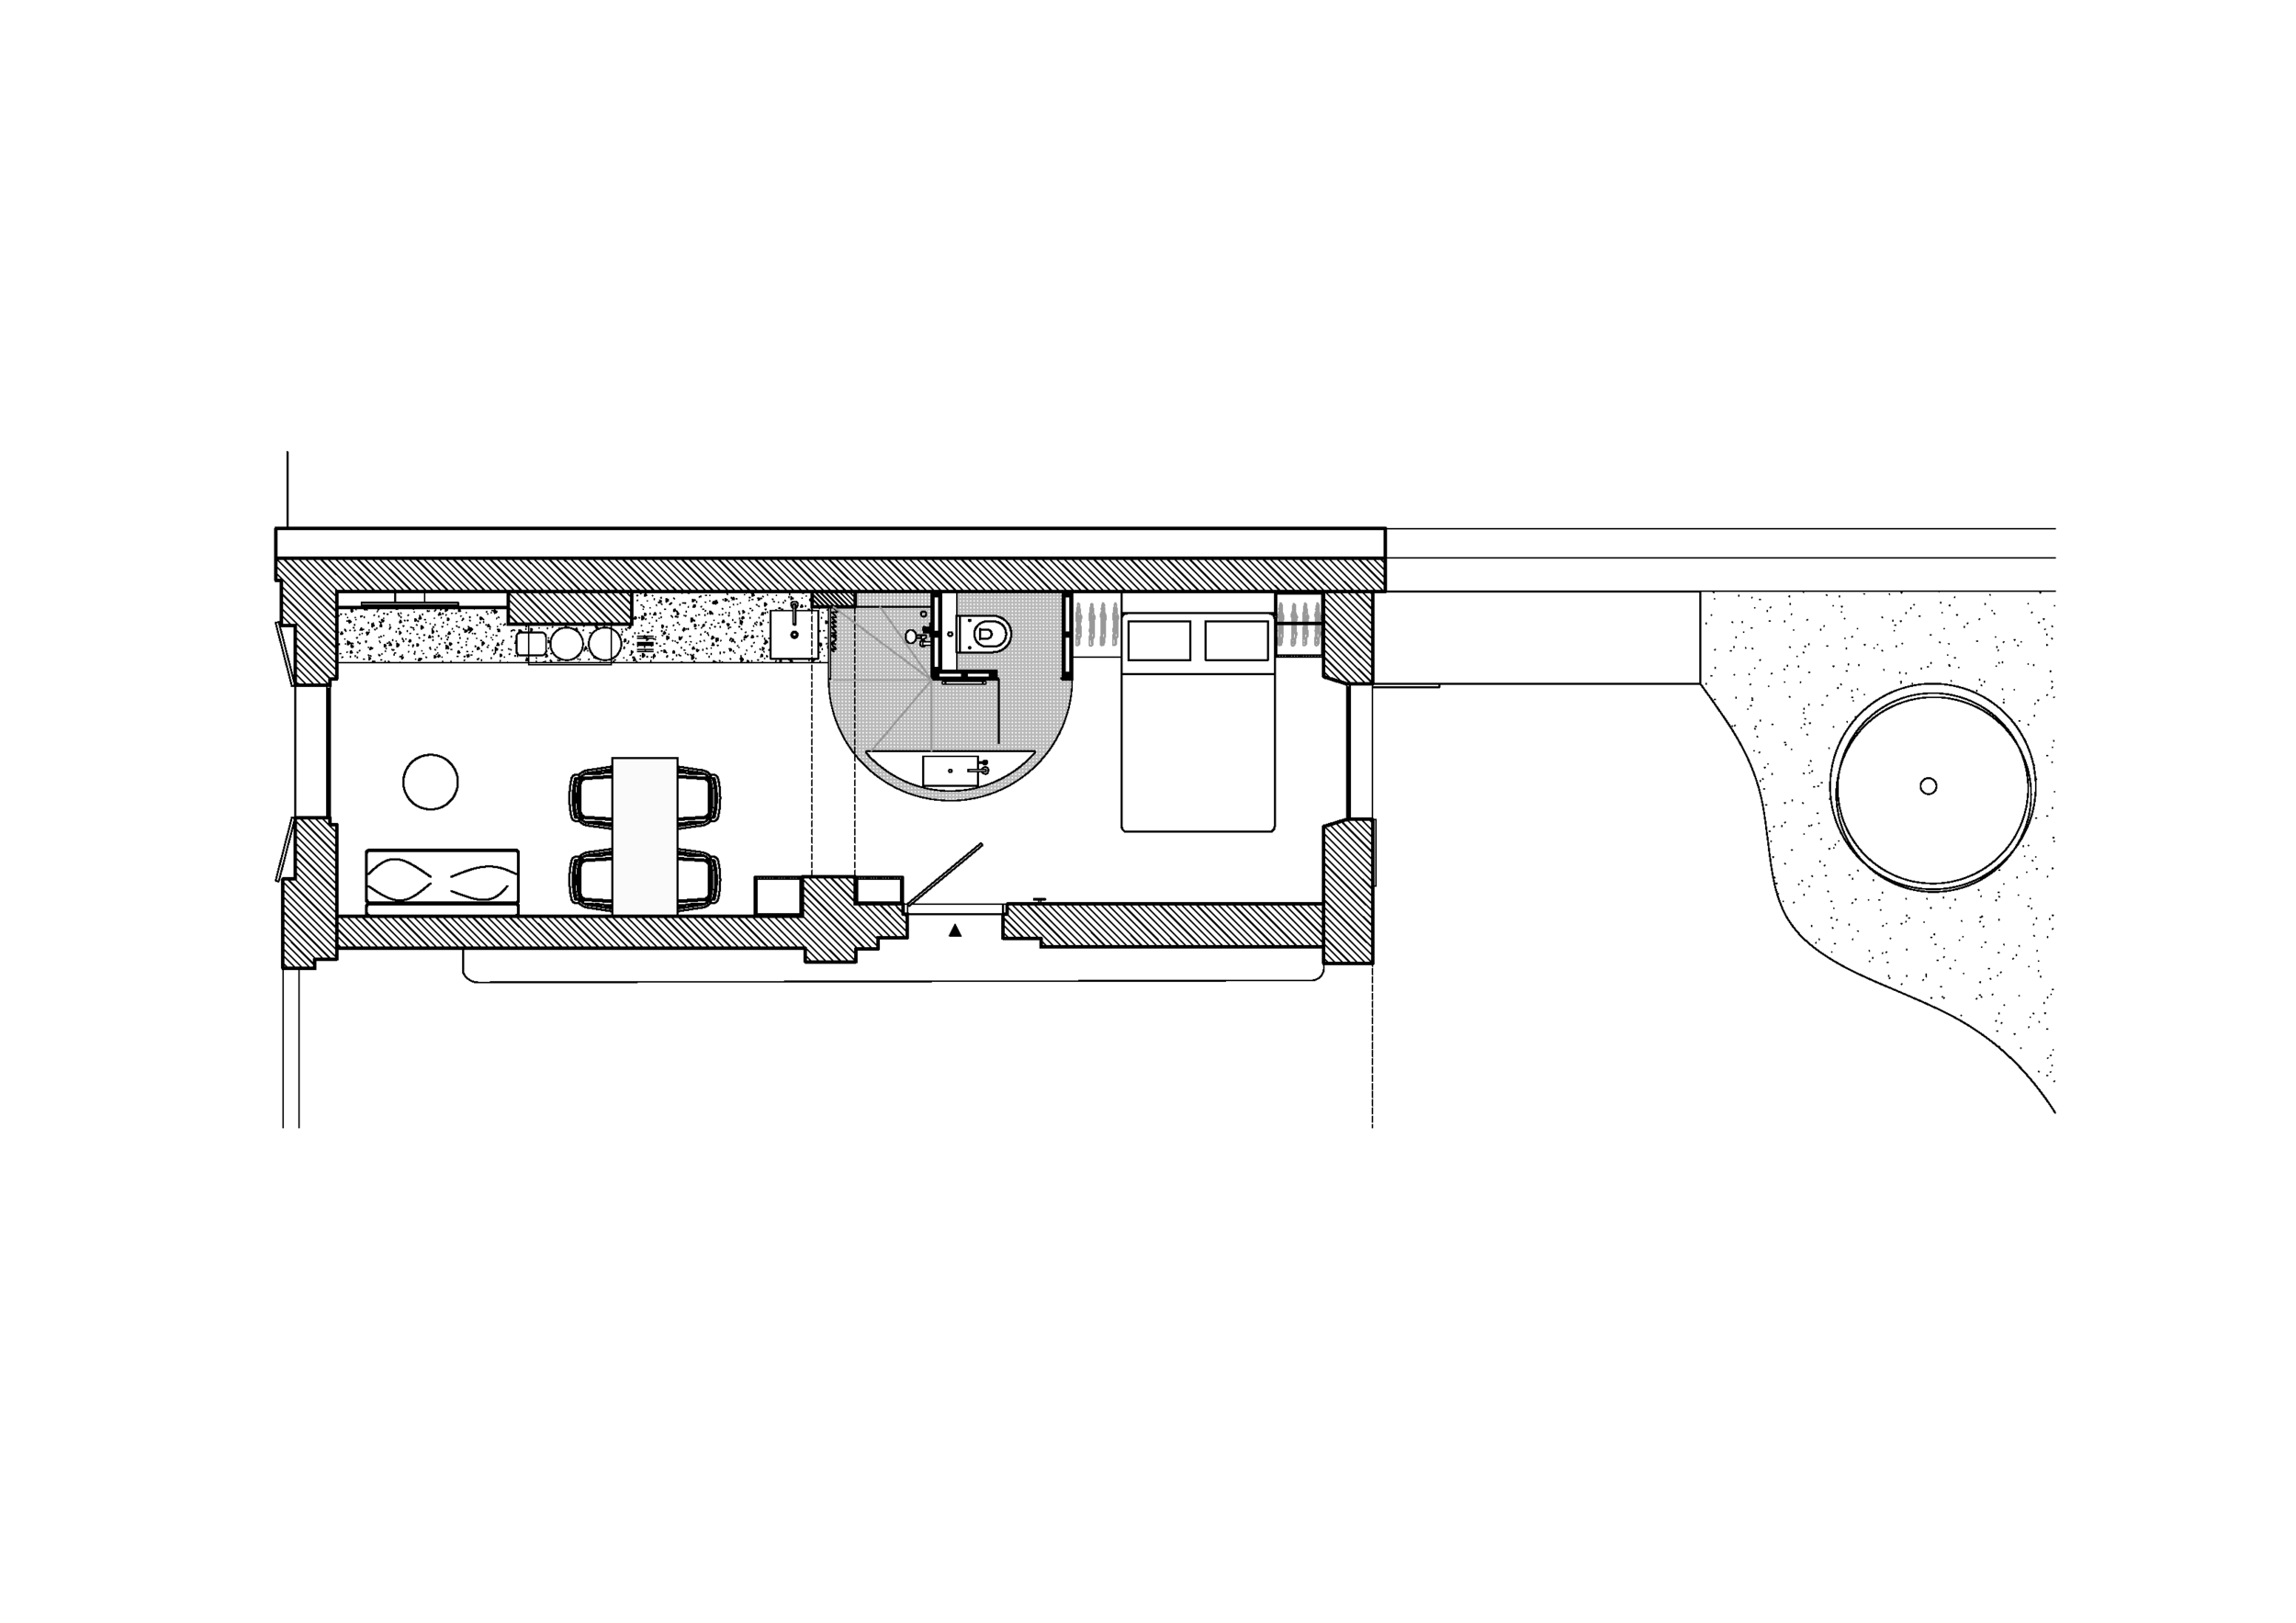 148 - Cler DCE - 201117 Plan PROJET 1 (sans pointillés).png